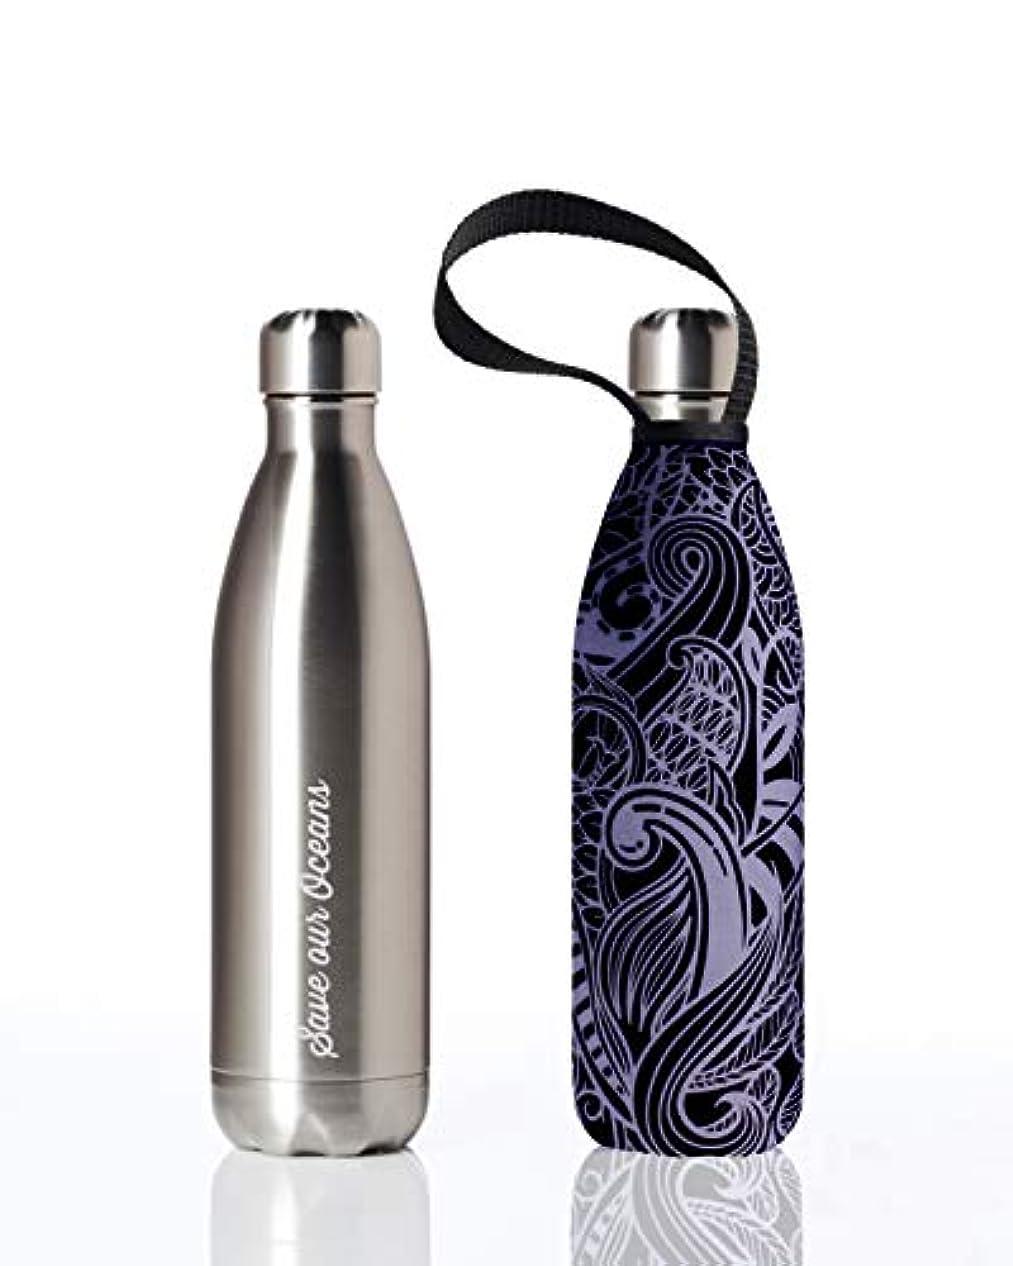 深める通知する触手bbbyo* Future Bottle 750ml SILVER+NIGHTKORU 保温 保冷 水筒 ステンレスボトル シルバー+ネイティブ柄 ※カバー付き FTRCC-NTKORU